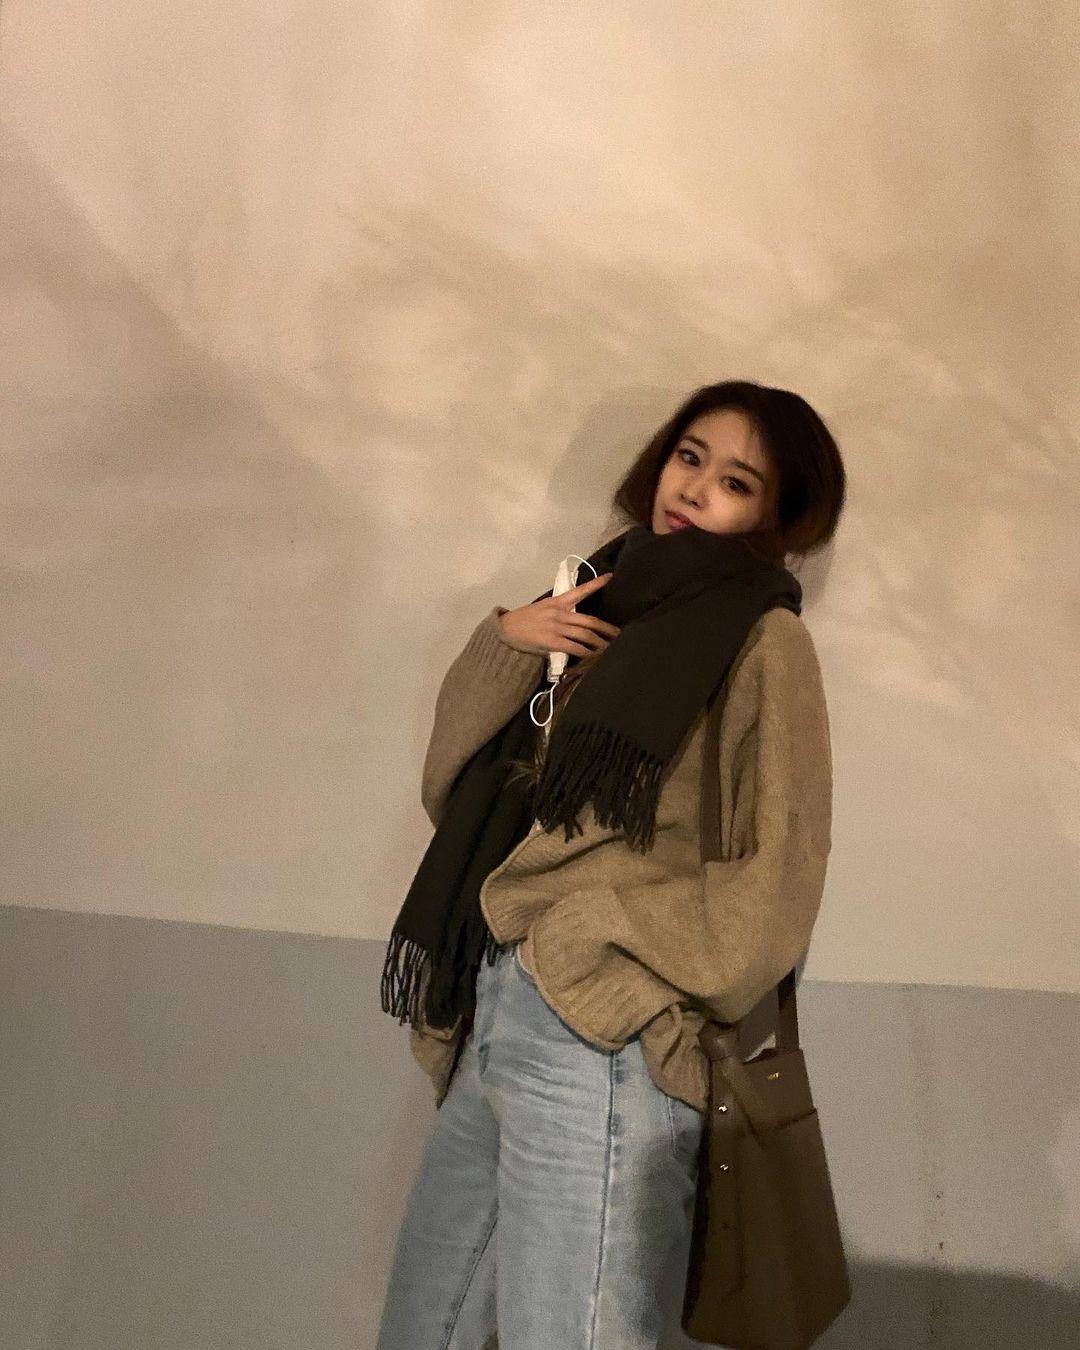 Sao Hàn đã rục rịch diện toàn khăn len đẹp ngất, các nàng còn không mau vào tham khảo cách phối đi nào - Ảnh 3.